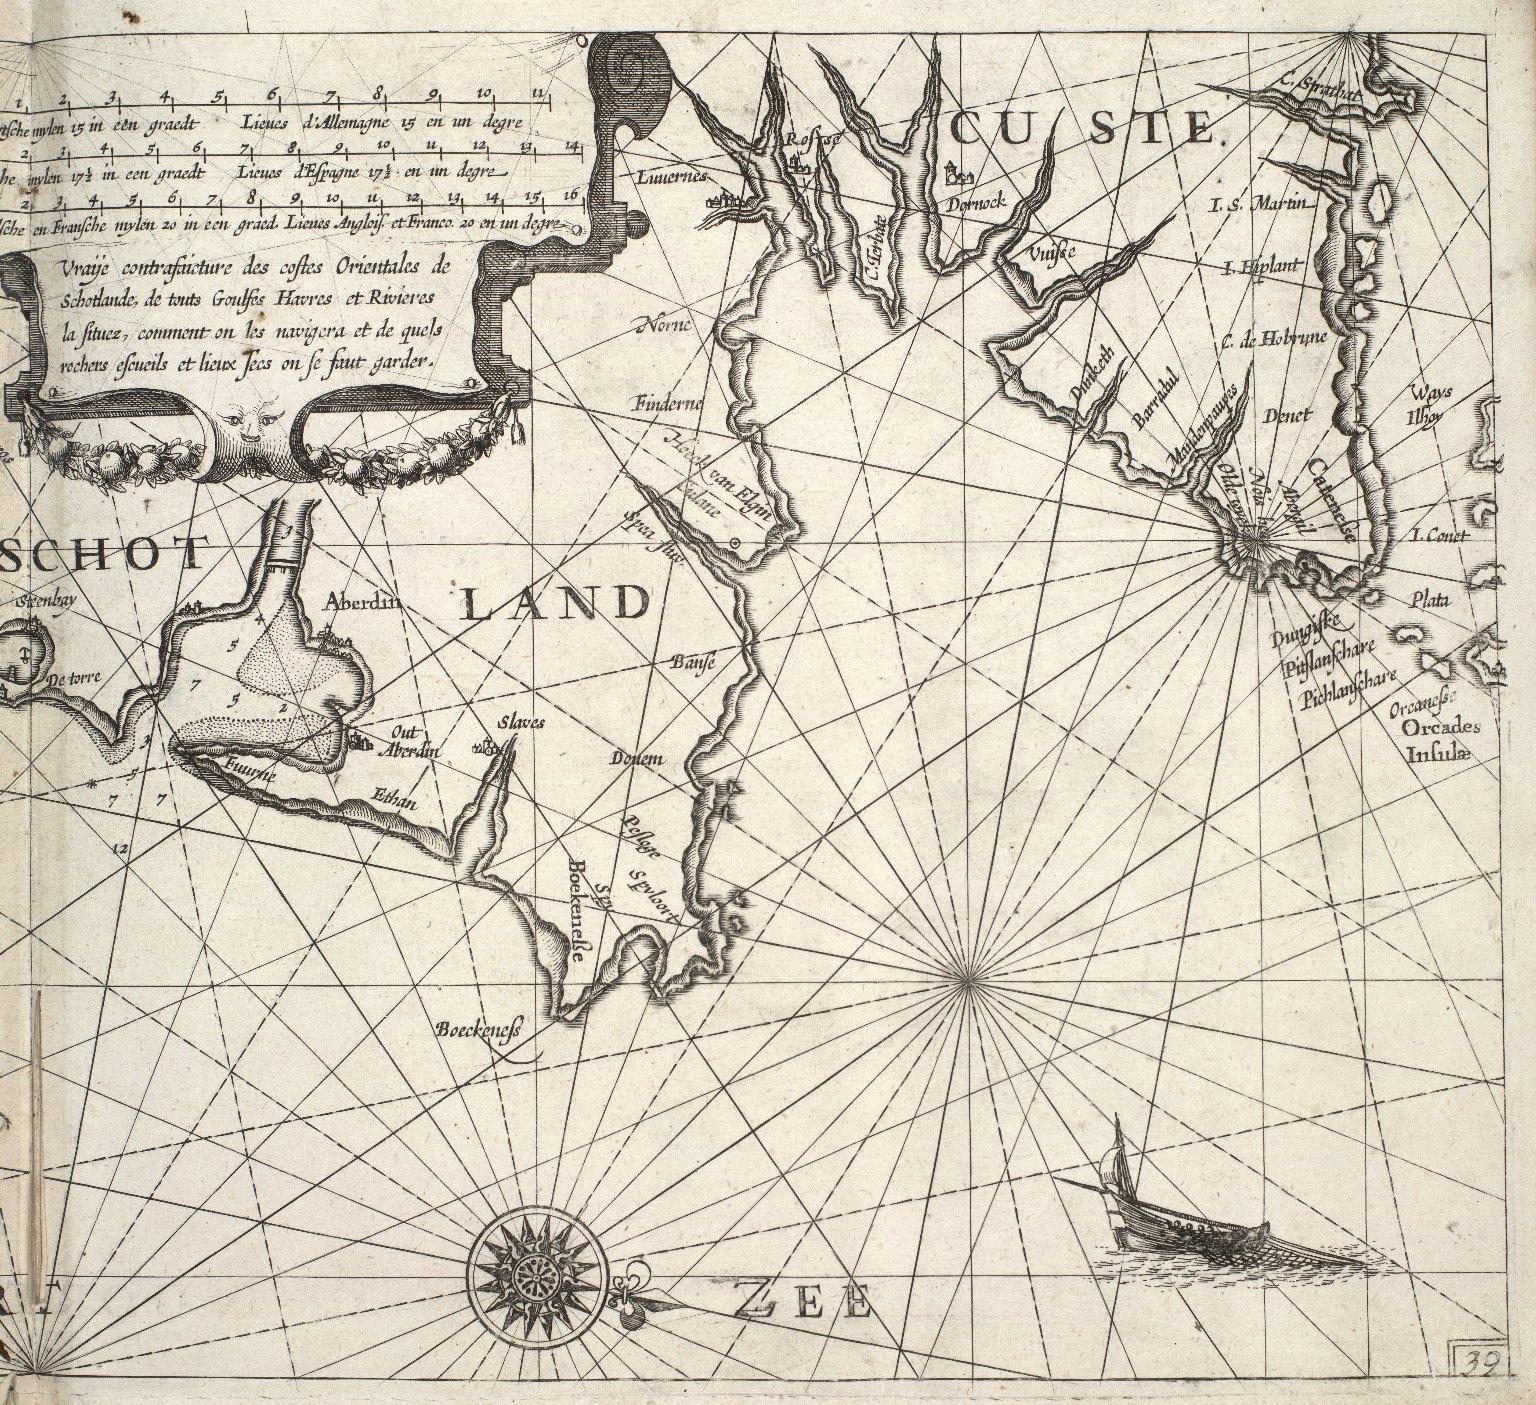 Ware afbeeldinghe vande Oostelycke Zeecusten van Schotlandt, van alle Inwijcken Havenen en Rivieren, hoemen die beseijlen ende voor wat Clippen Droochten [...] [2 of 3]